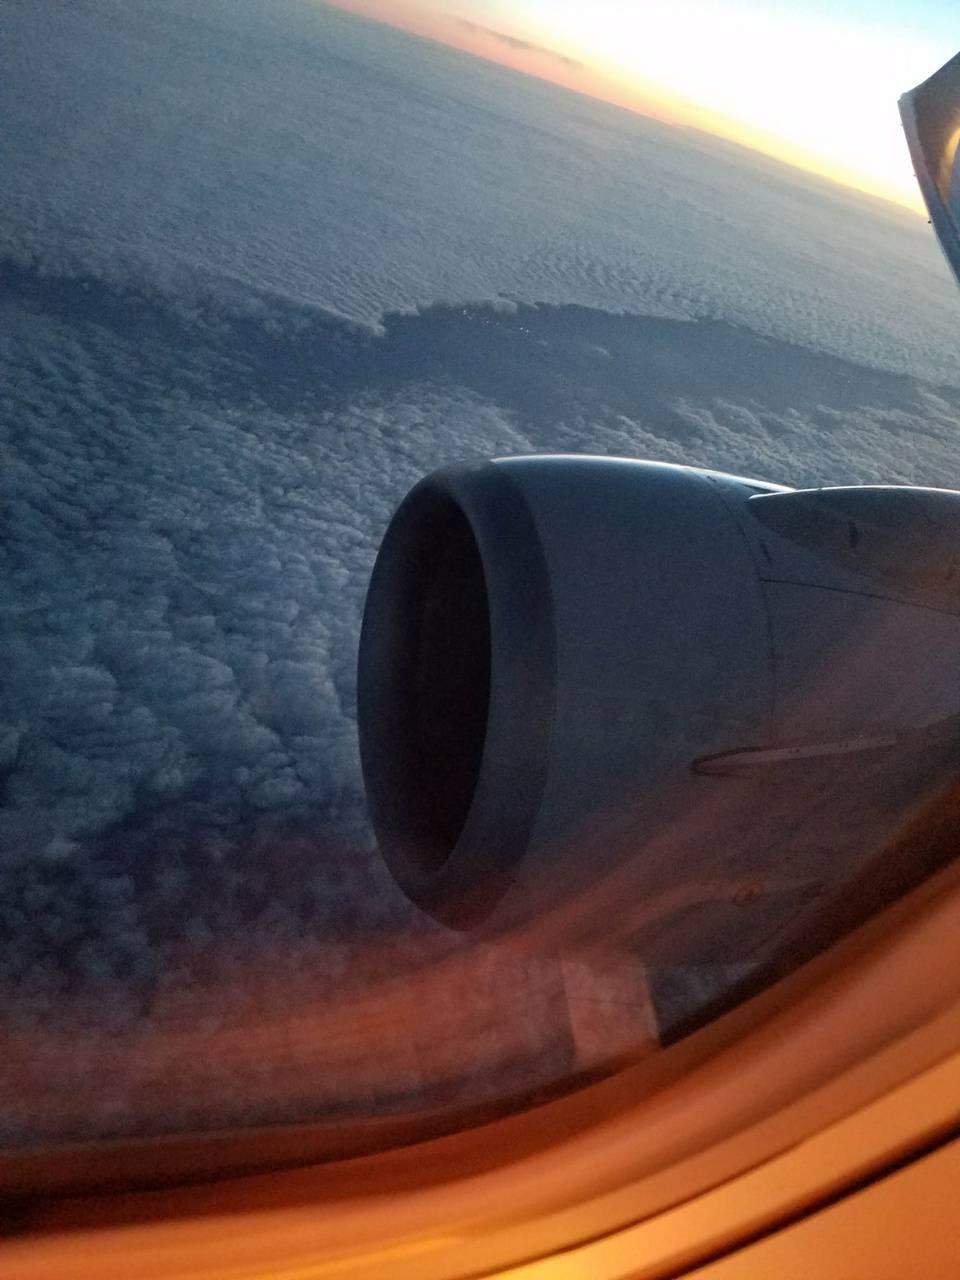 Airplane veiw